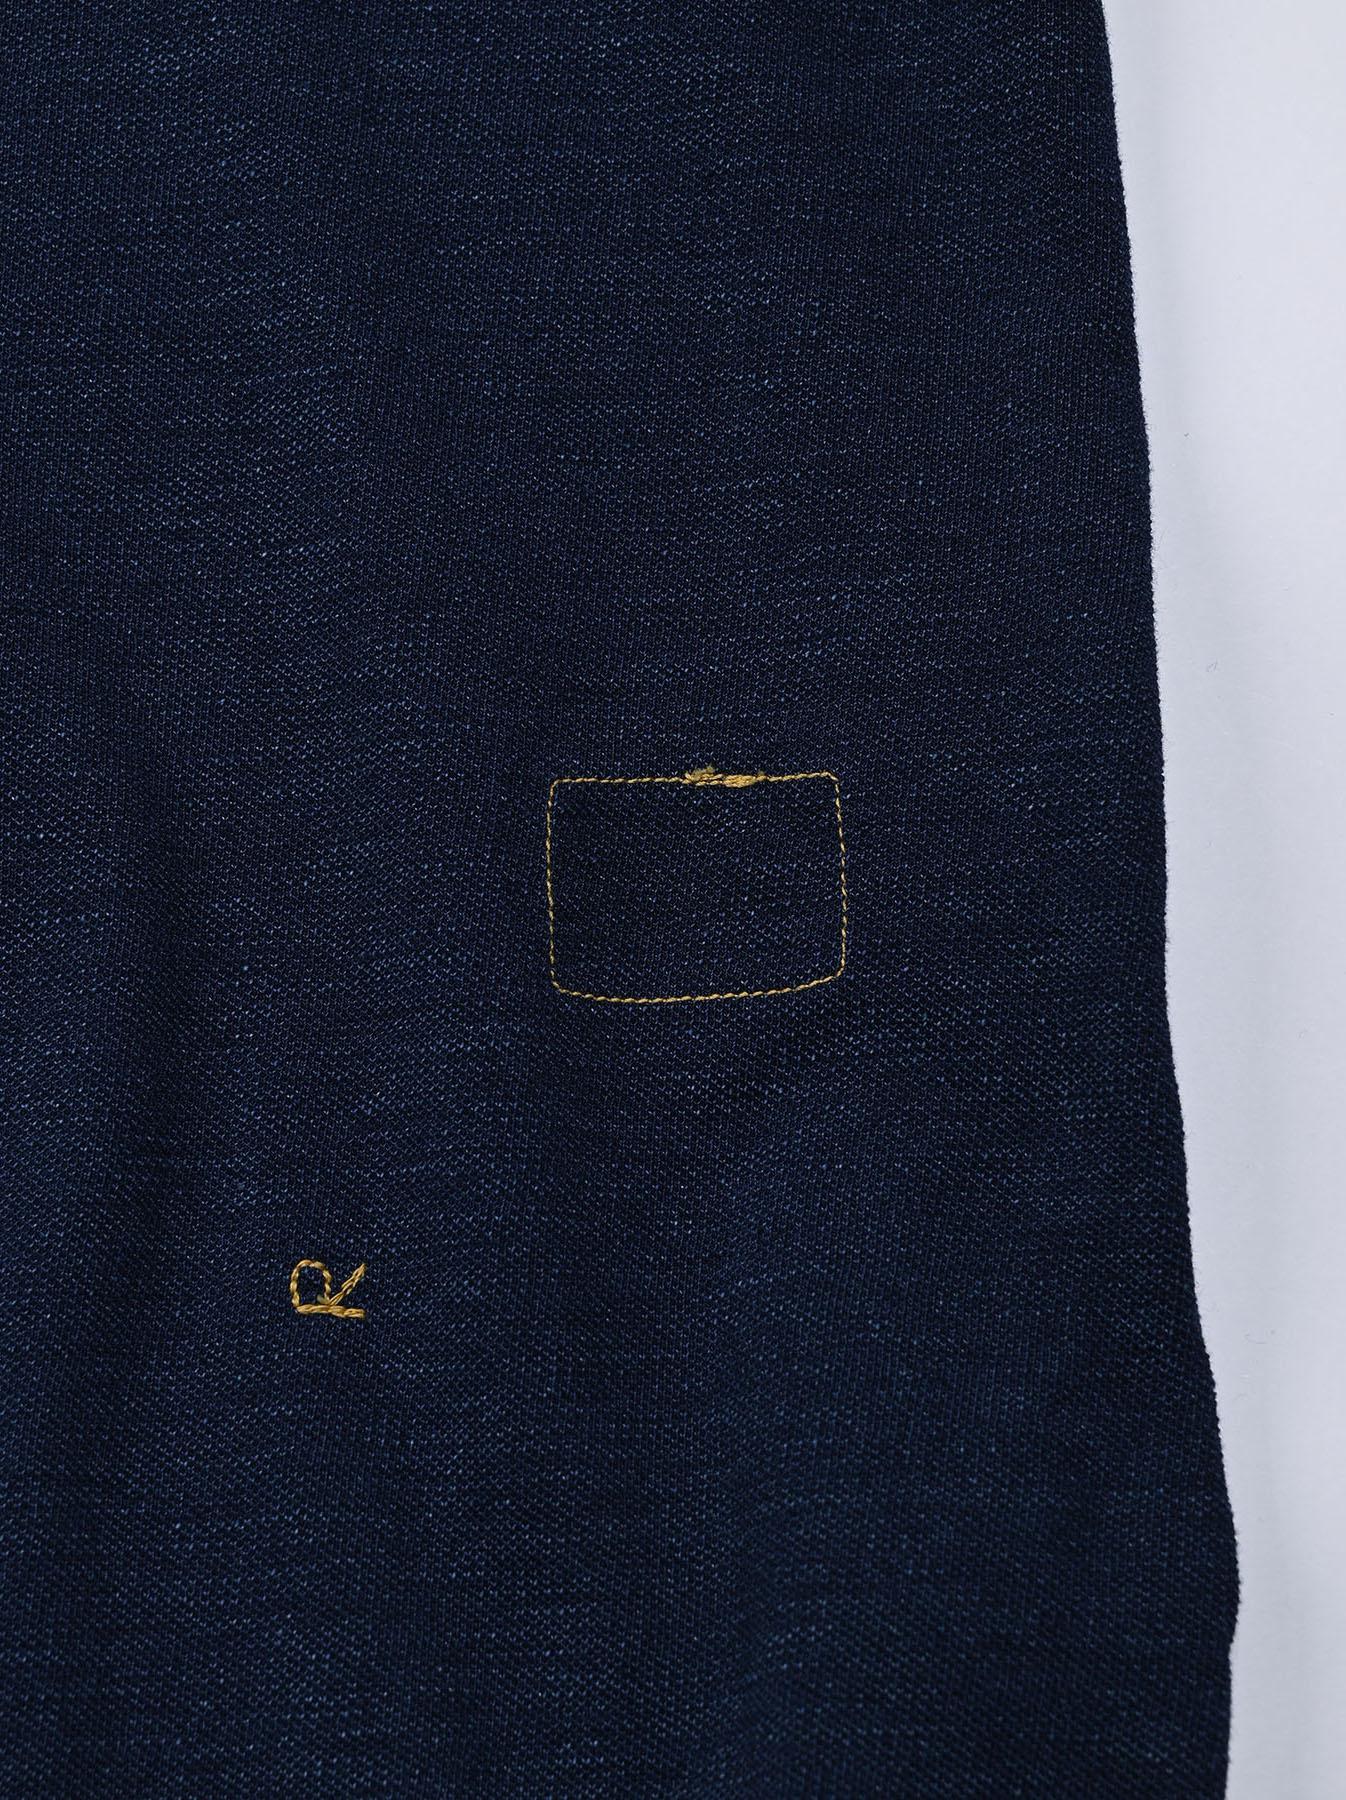 Indigo Kanoko Ocean Shiokaze Short-sleeved Polo Dress (0521)-12